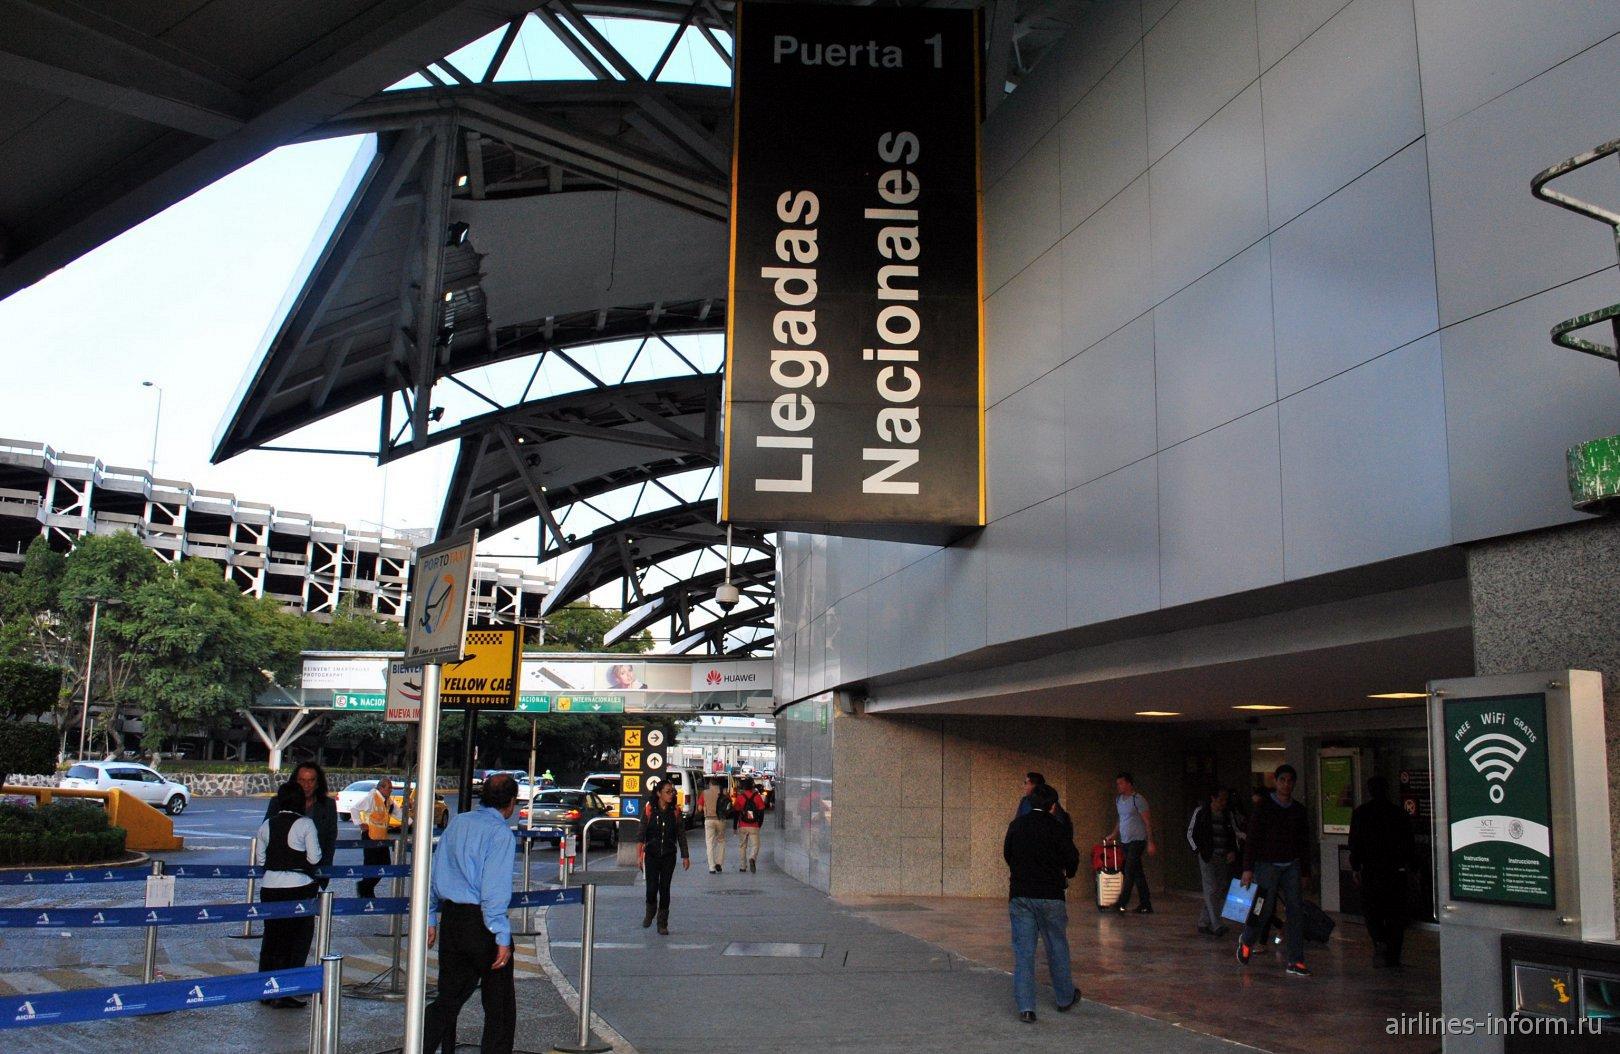 Вход #1 в терминал Т1 аэропорта Мехико Бенито Хуарес